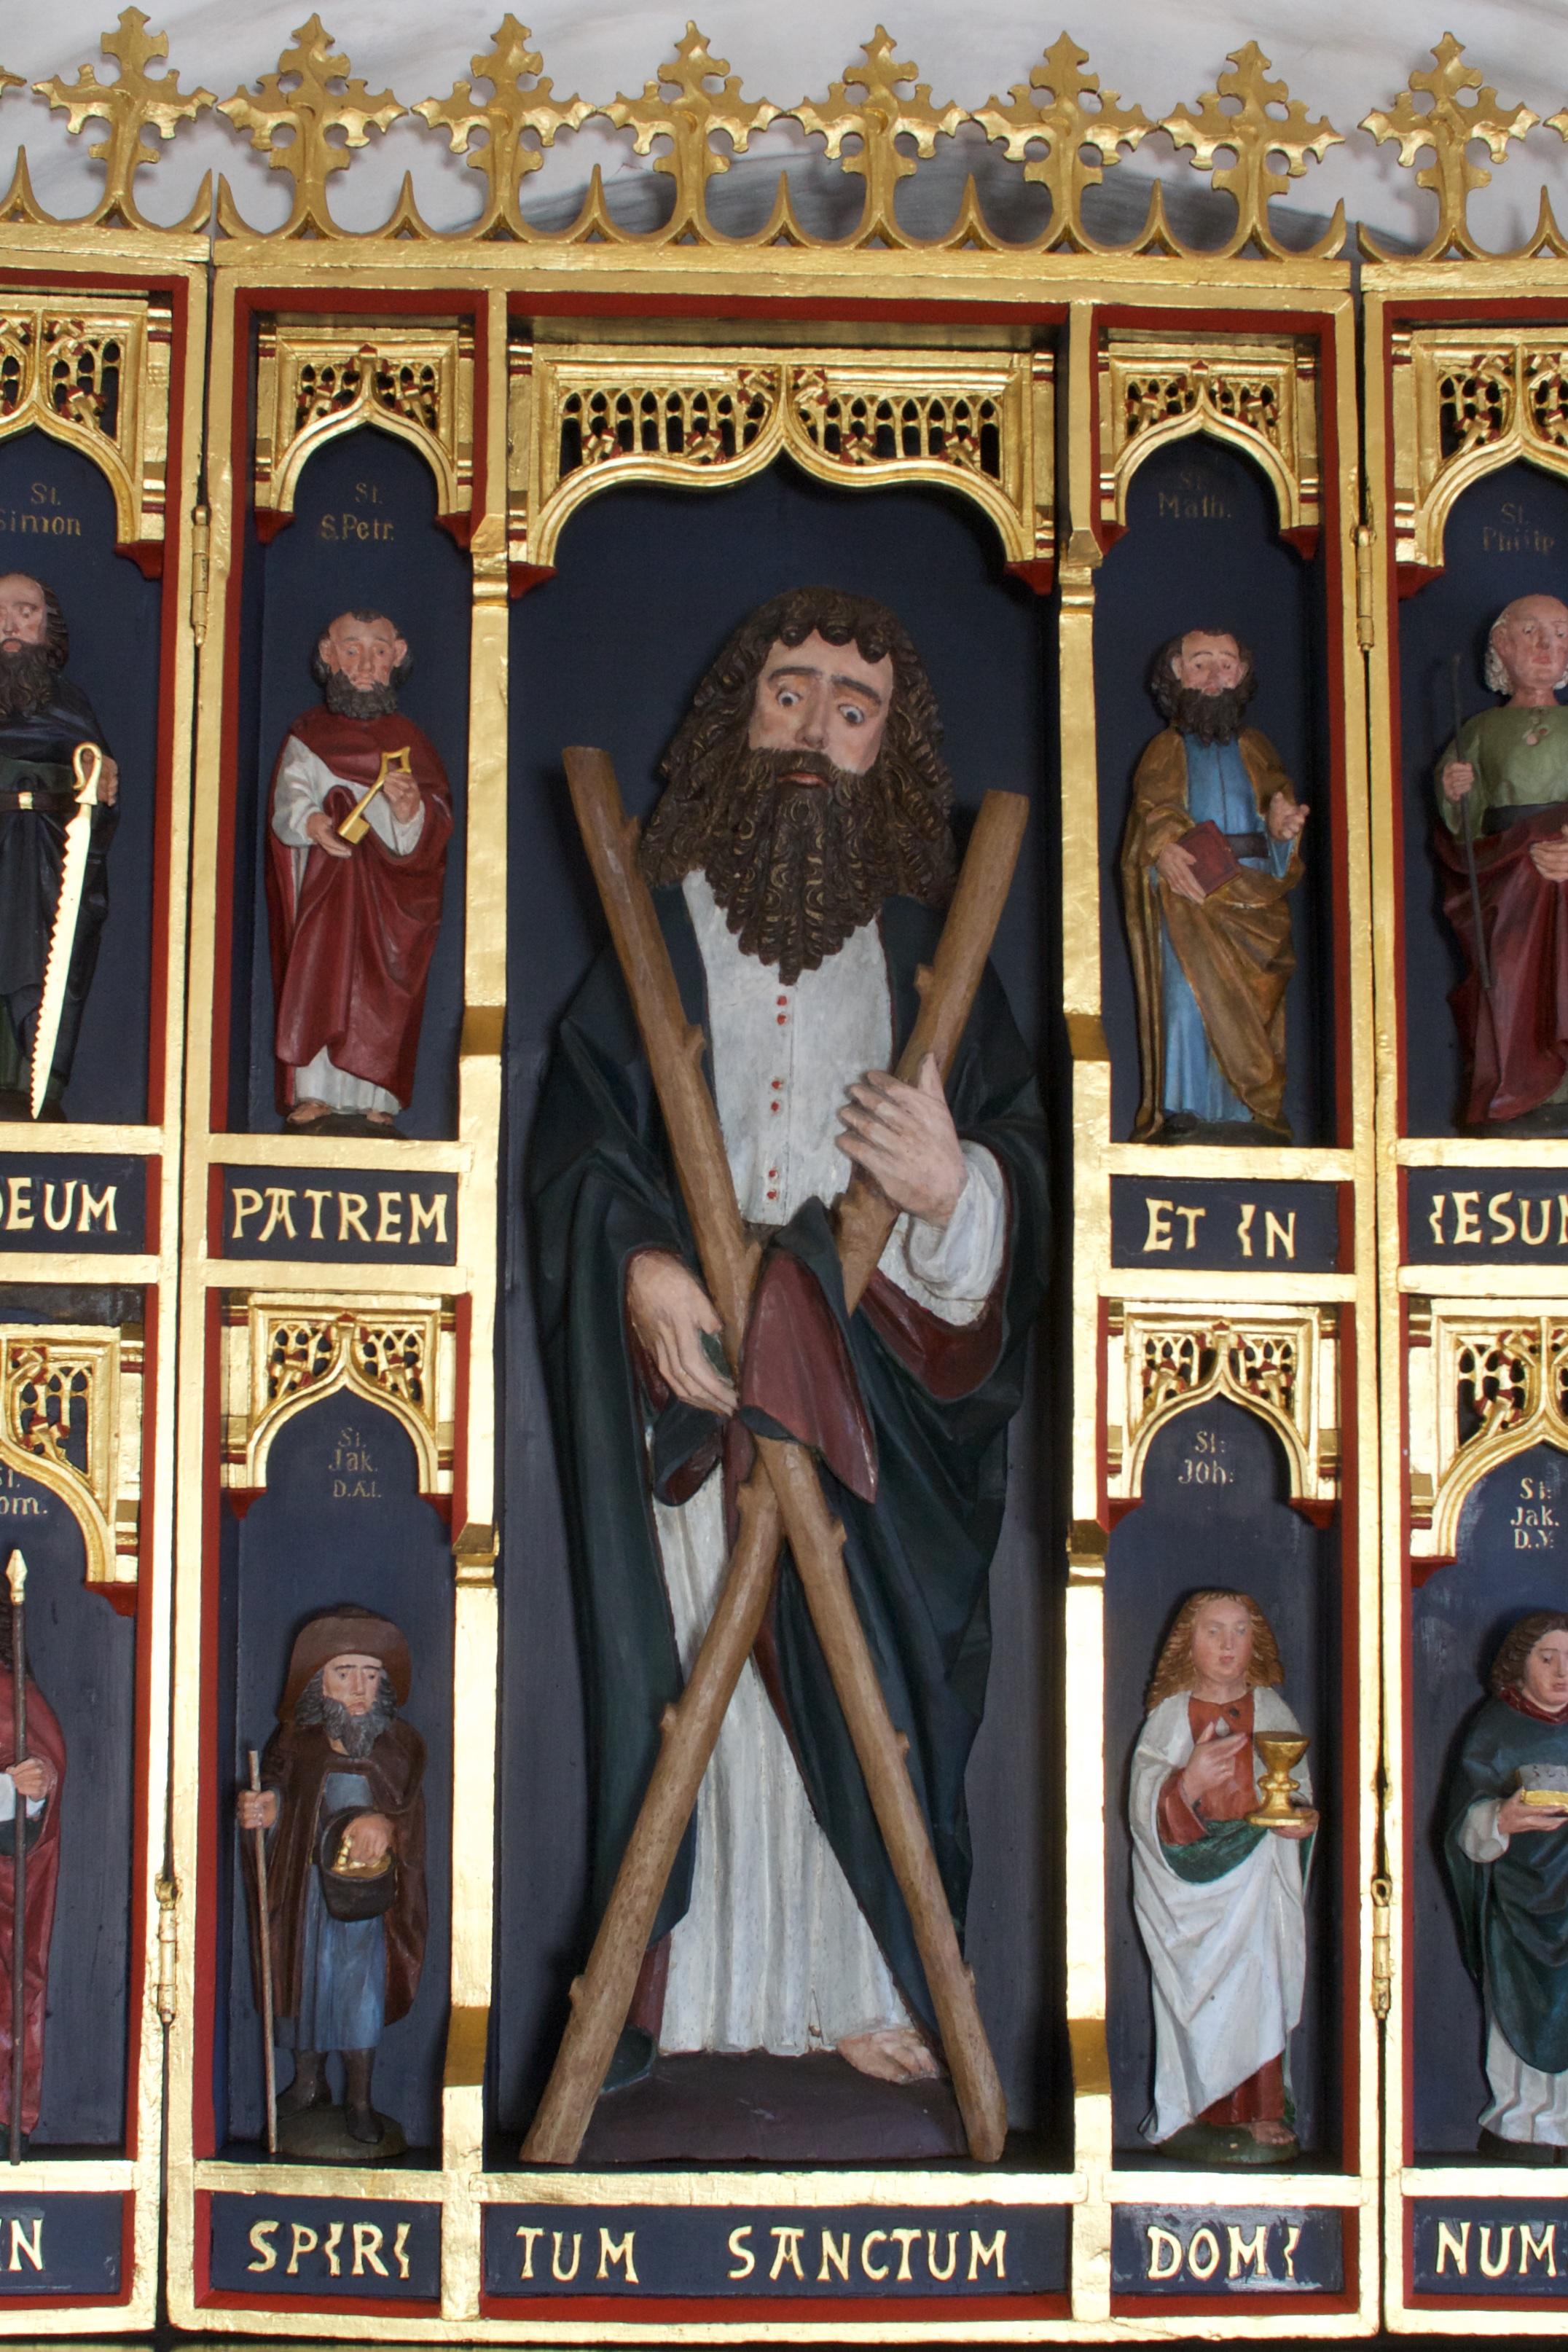 Apostelen Andreas med proptrækkerkrøllet hår og skæg og de to grene, der blev hans kors.